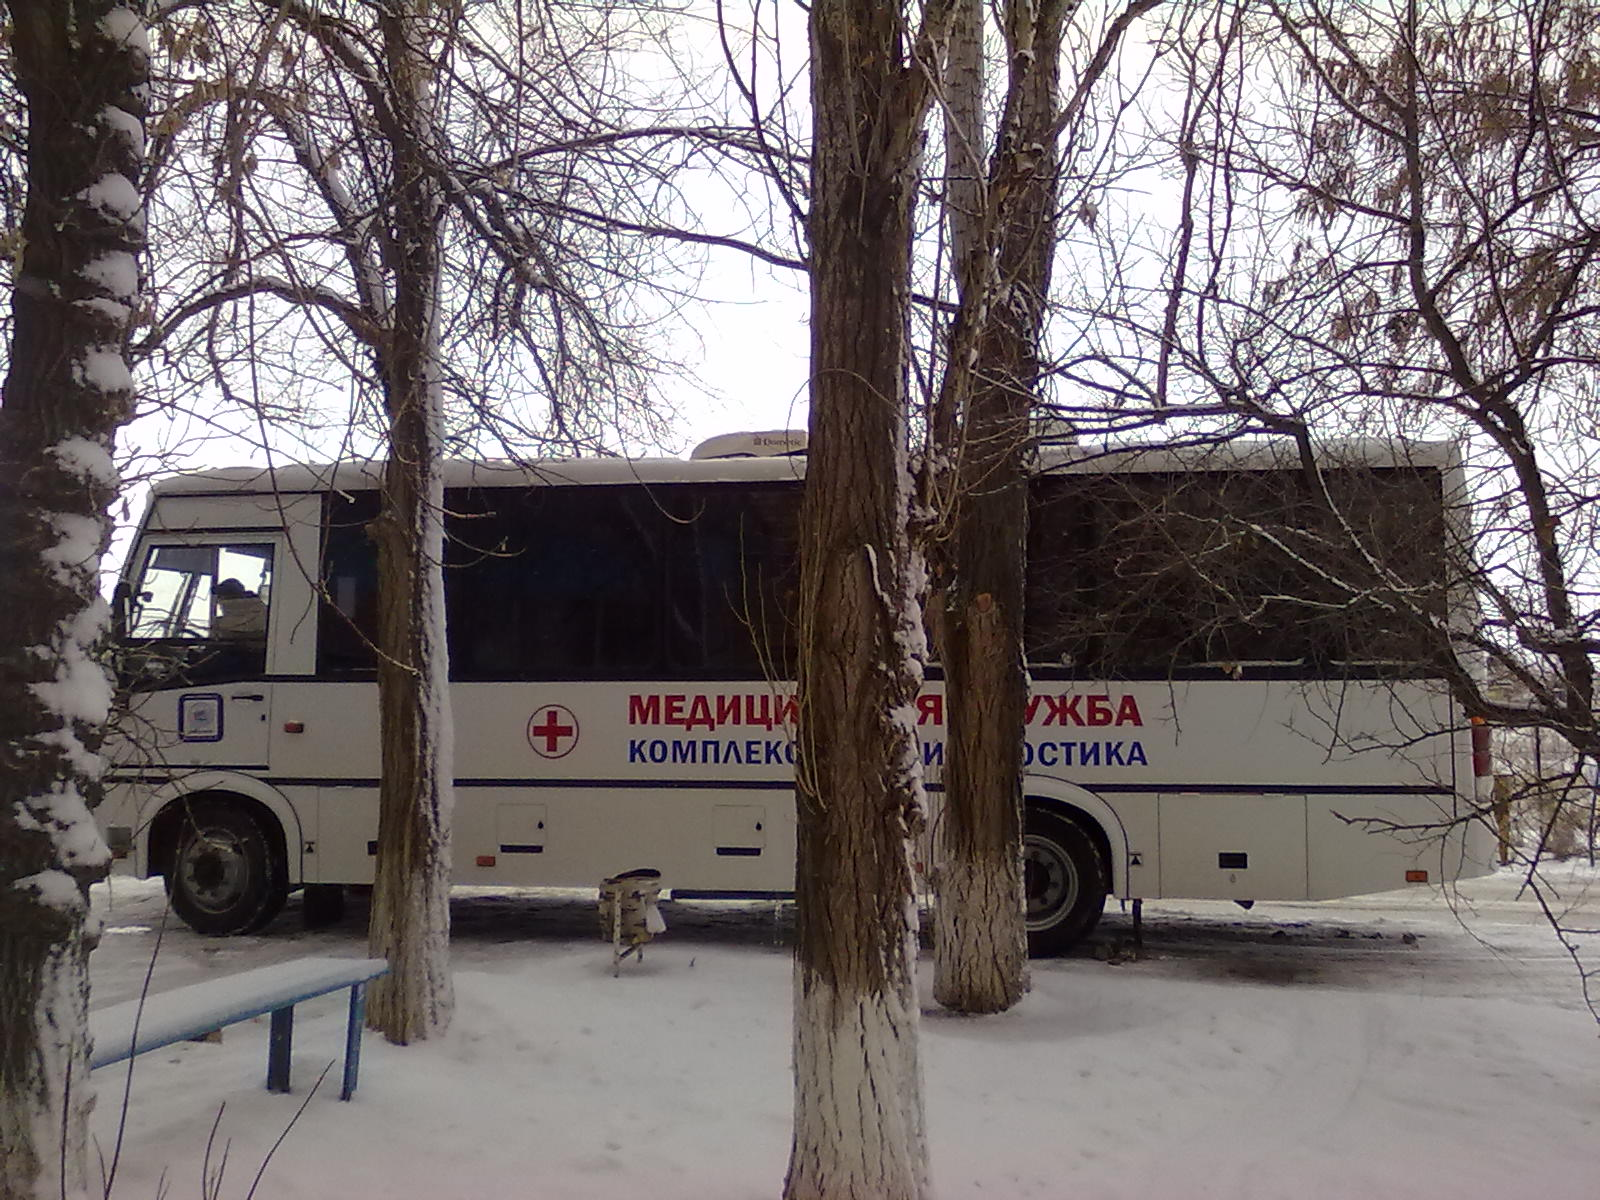 Мобильные врачи проверят здоровье жителей в п. Краснооктябрьский г. Волжского